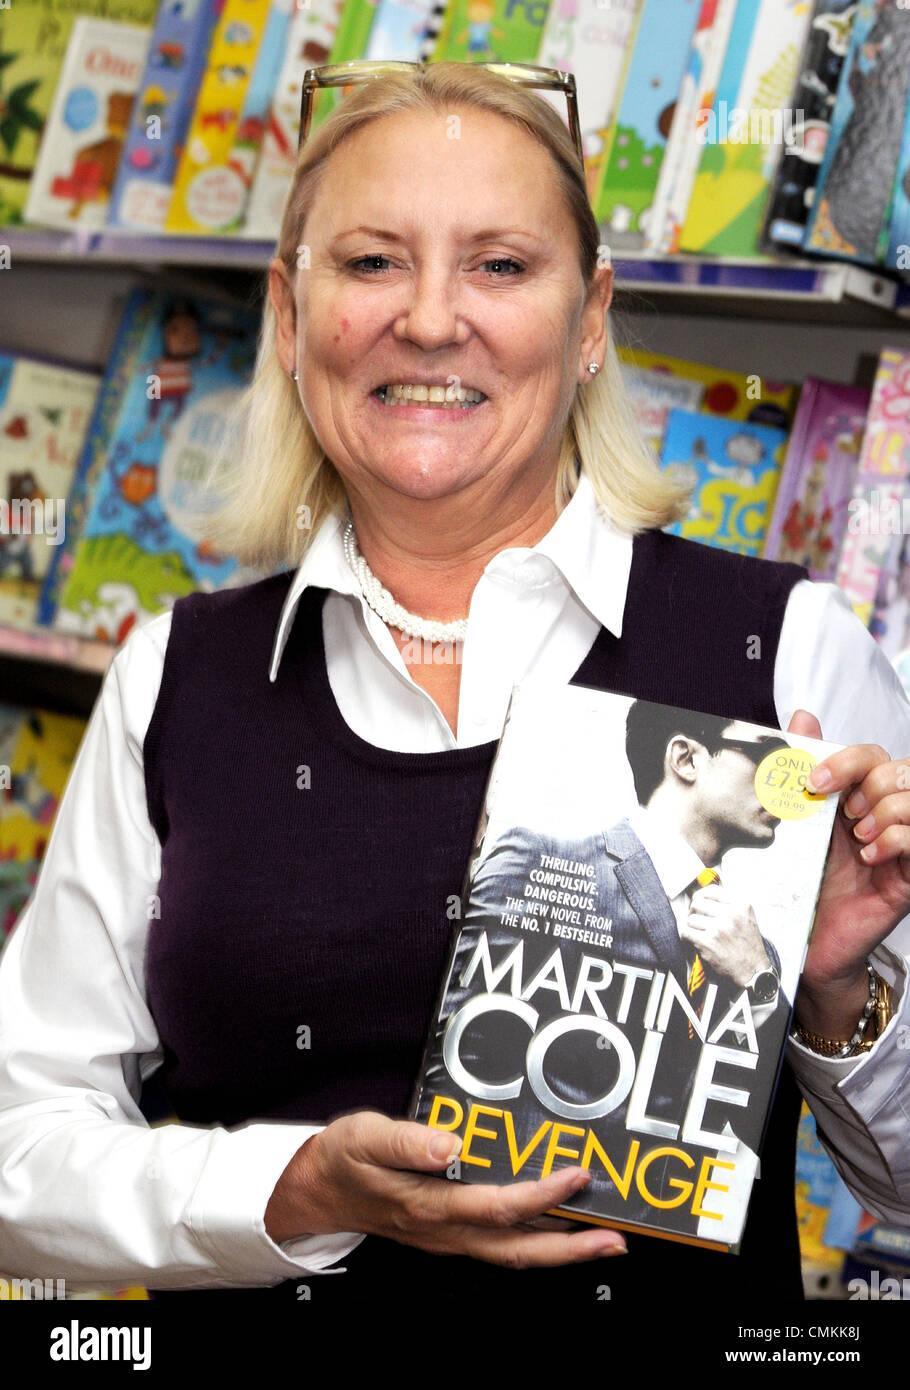 """Sunderland, Regno Unito. 2° Nov, 2013. Martina Cole a firma del suo nuovo romanzo """"vendetta"""" a WH Immagini Stock"""